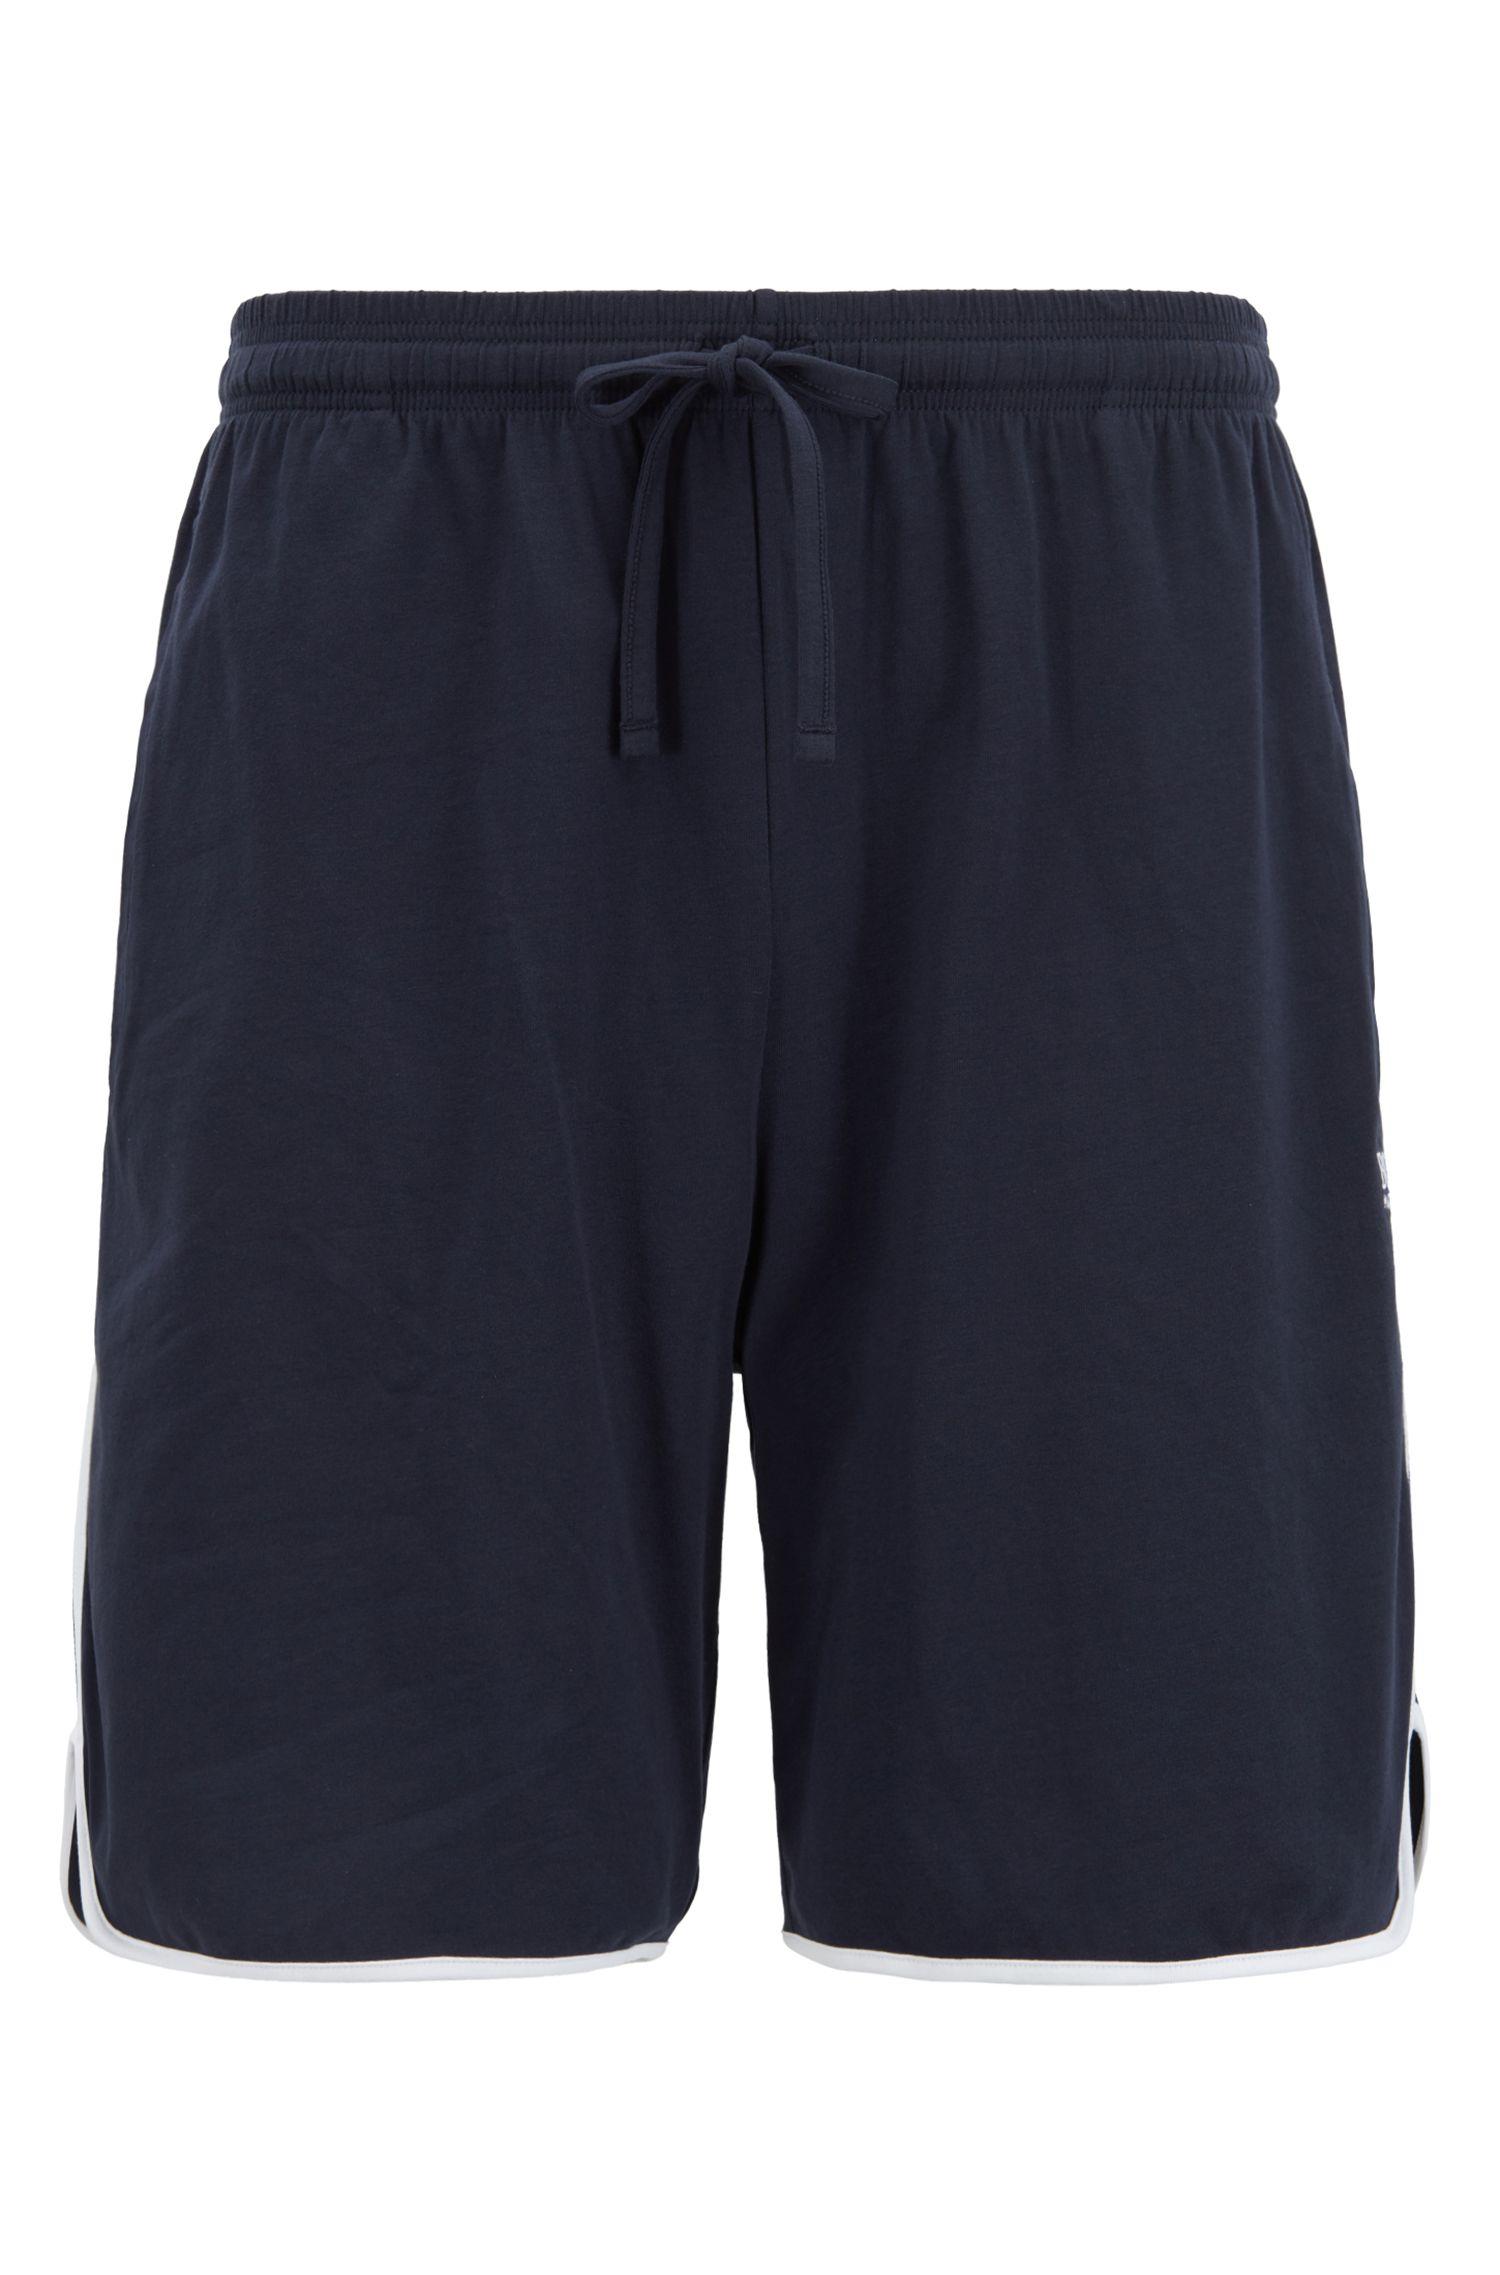 Pantaloncini per il tempo libero in cotone elasticizzato con profilo a contrasto, Blu scuro